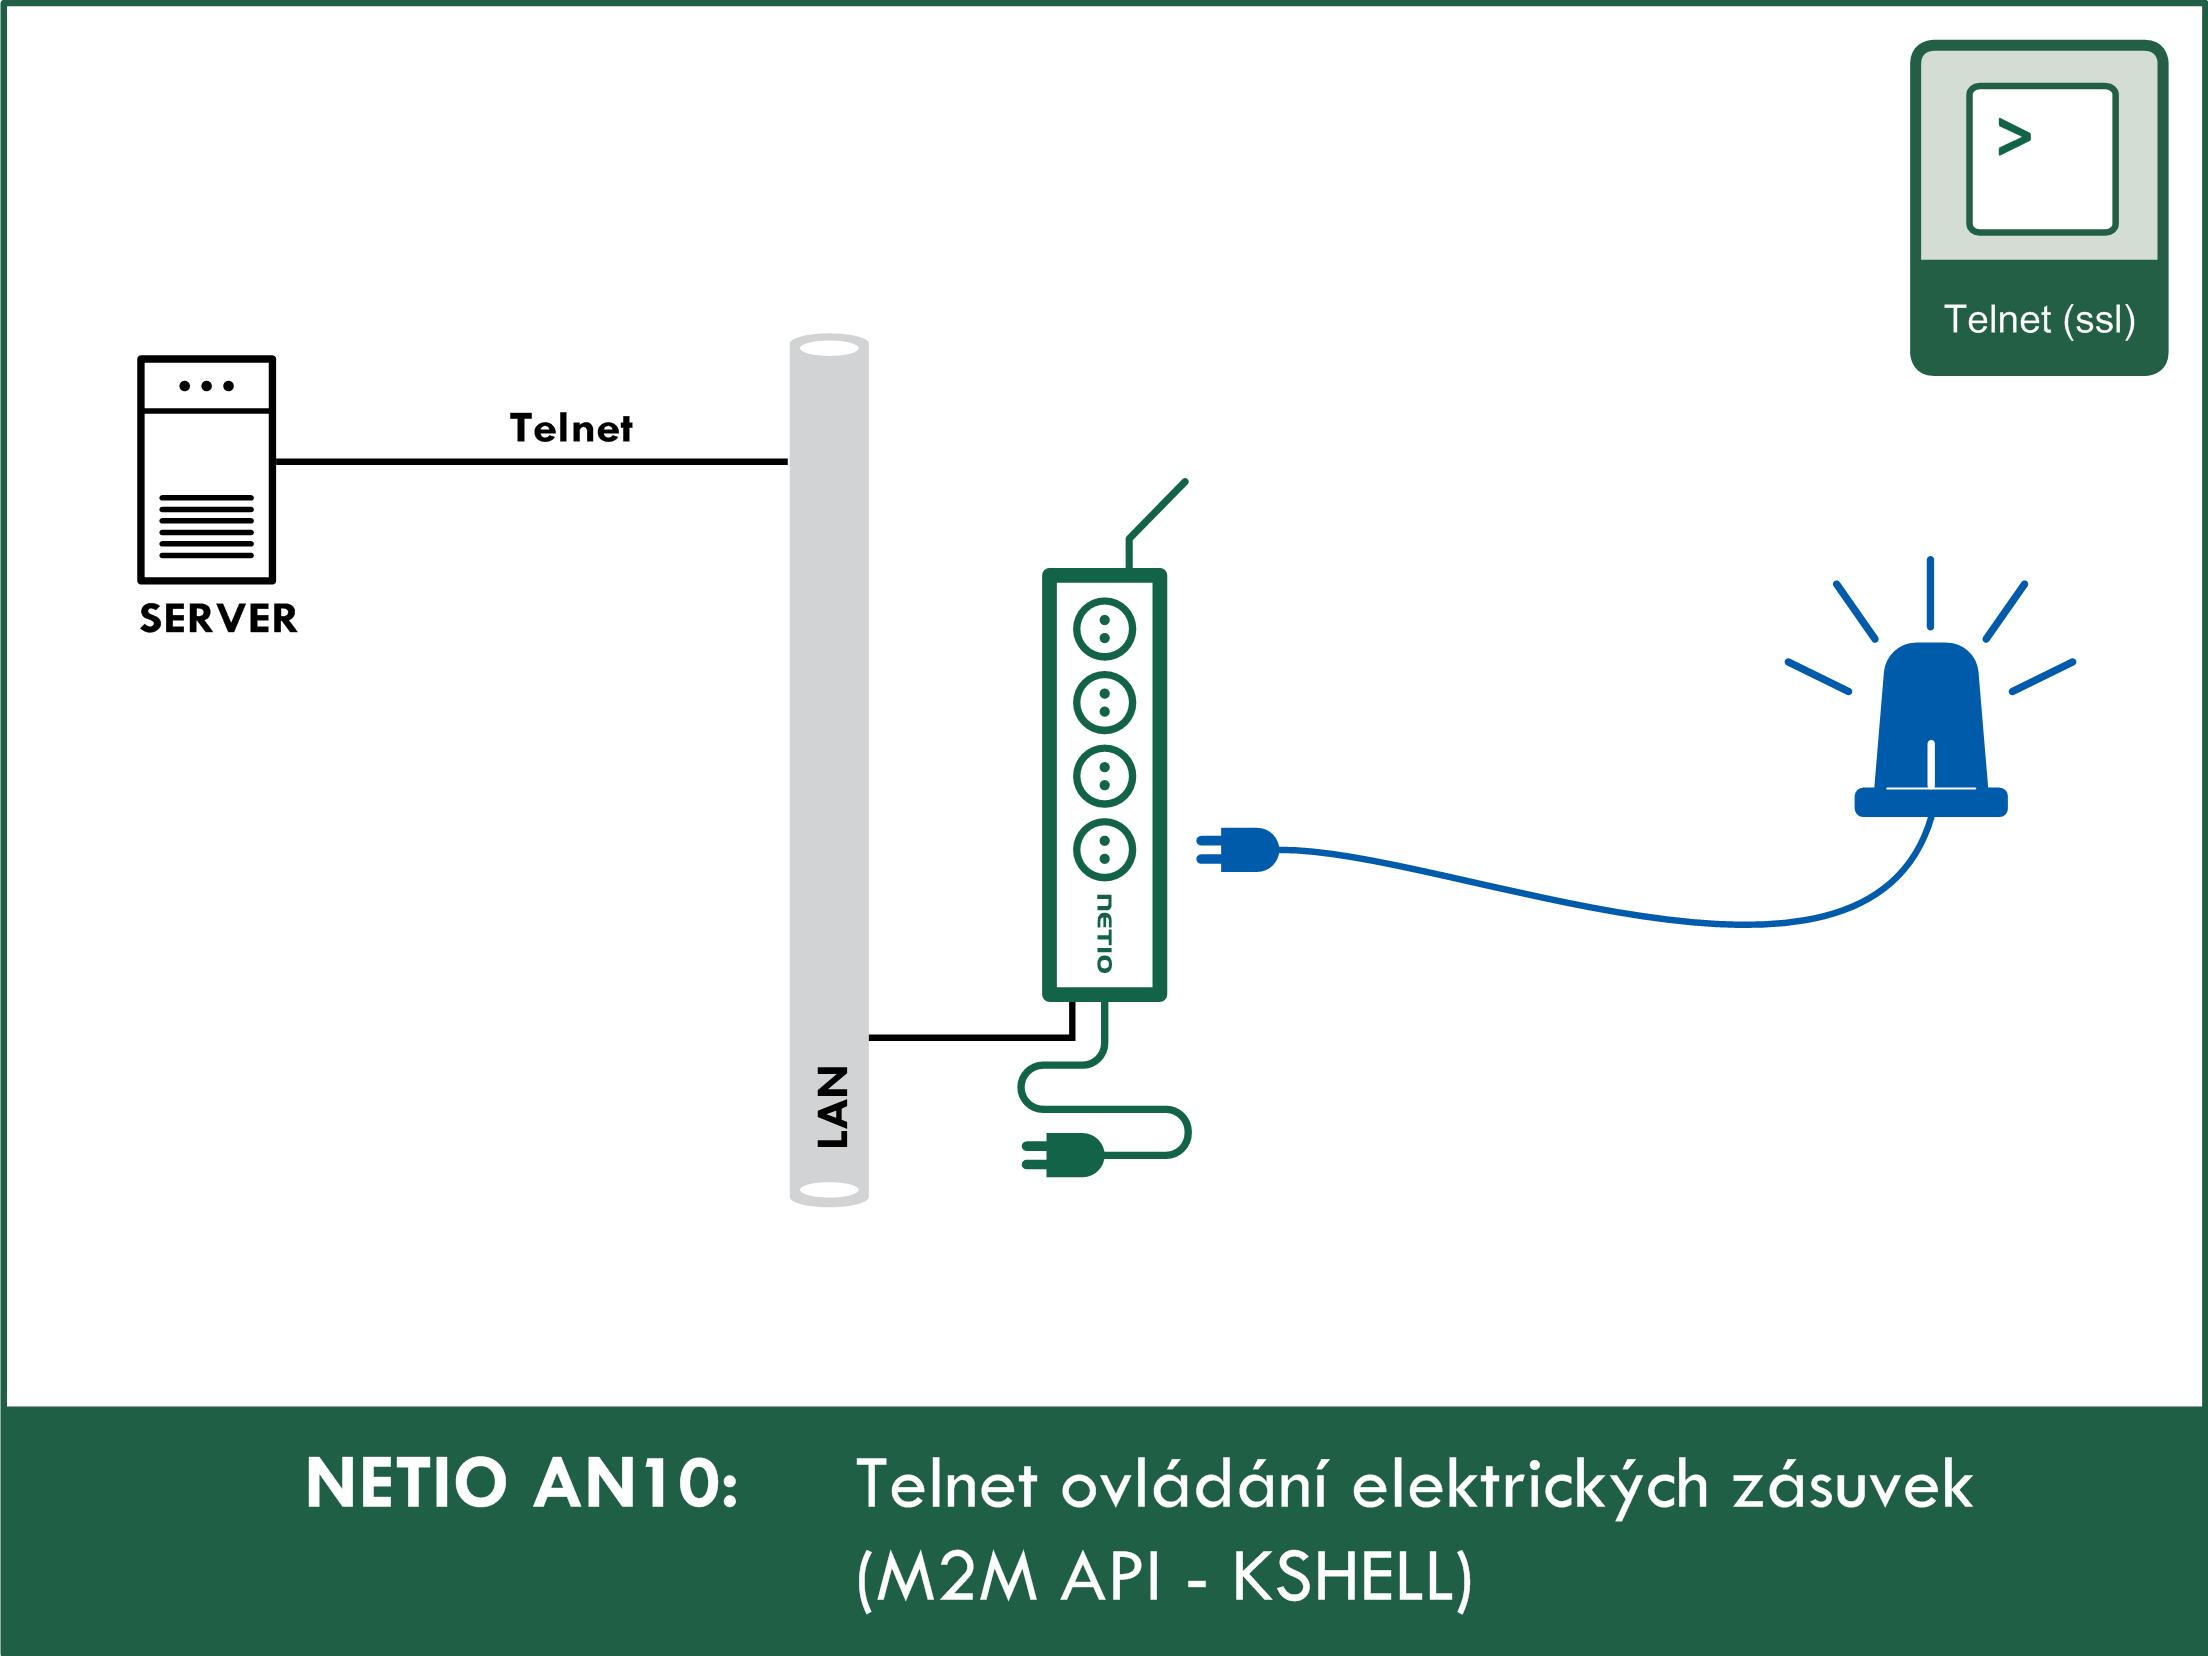 AN10 Ovládání elektrických zásuvek pomocí Telnet/KSHELL